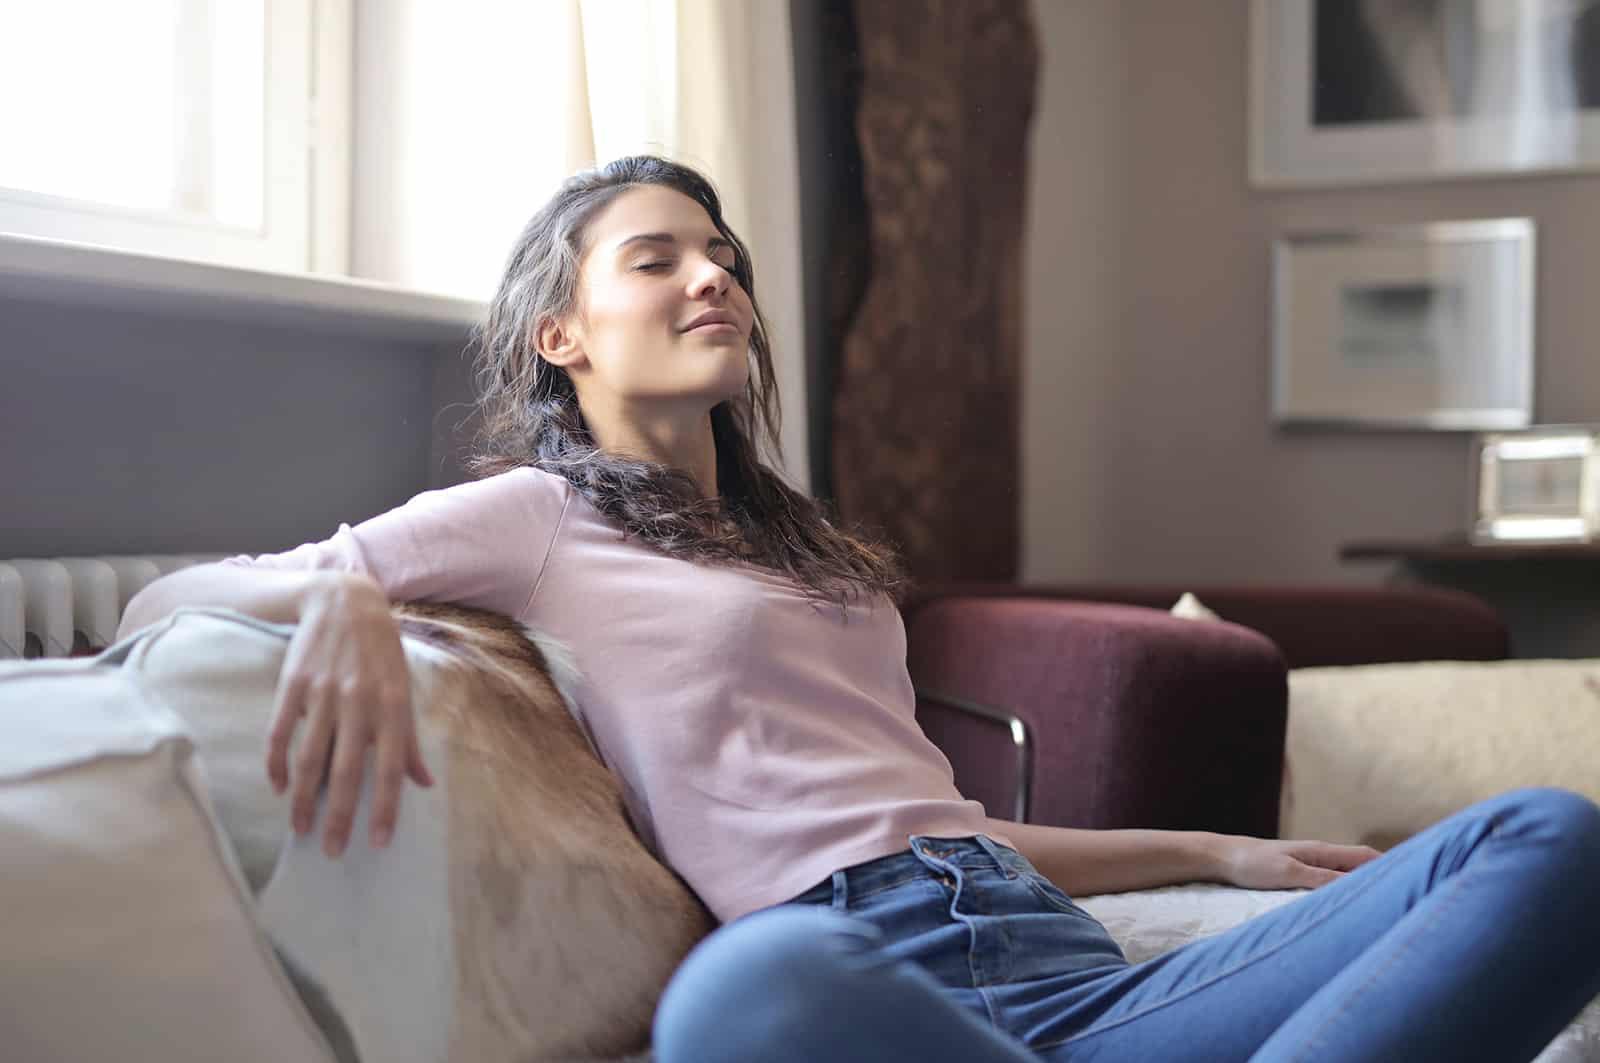 eine positive Frau, die mit geschlossenen Augen auf der Couch sitzt